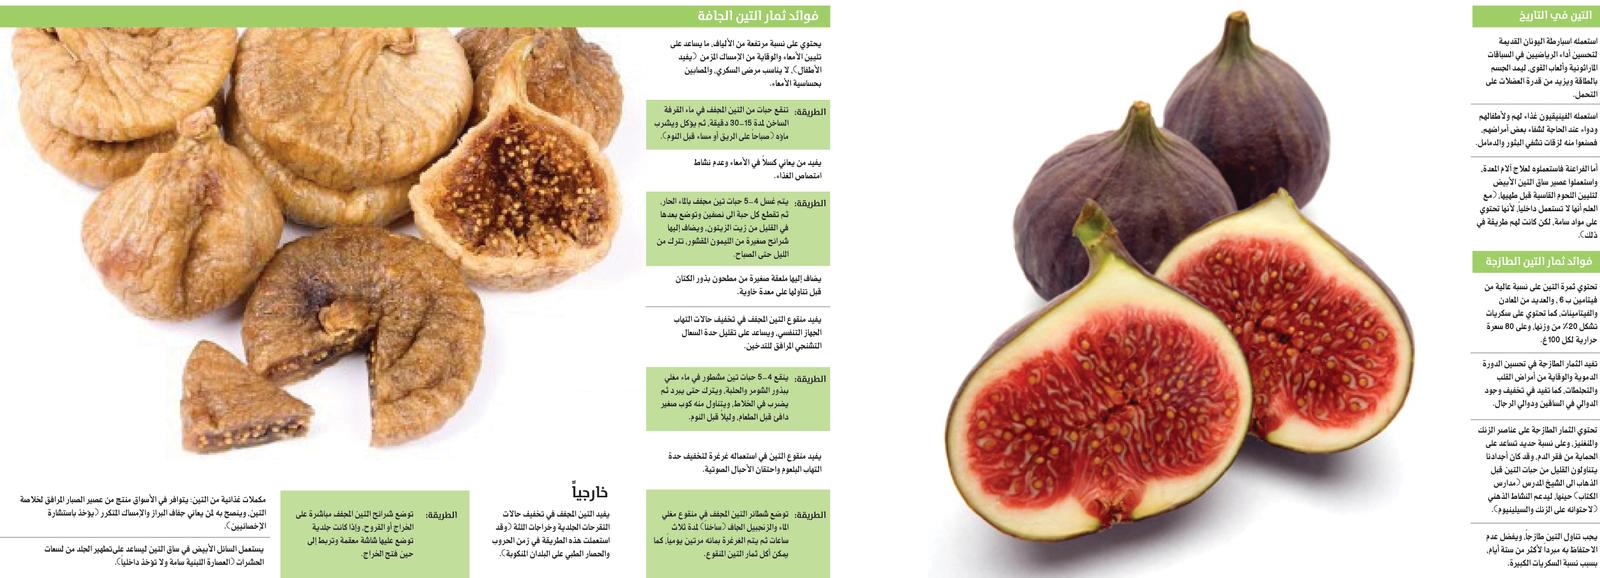 686604 المسافرون العرب التين ثمار مغذية.. وفيها منافــع للناس